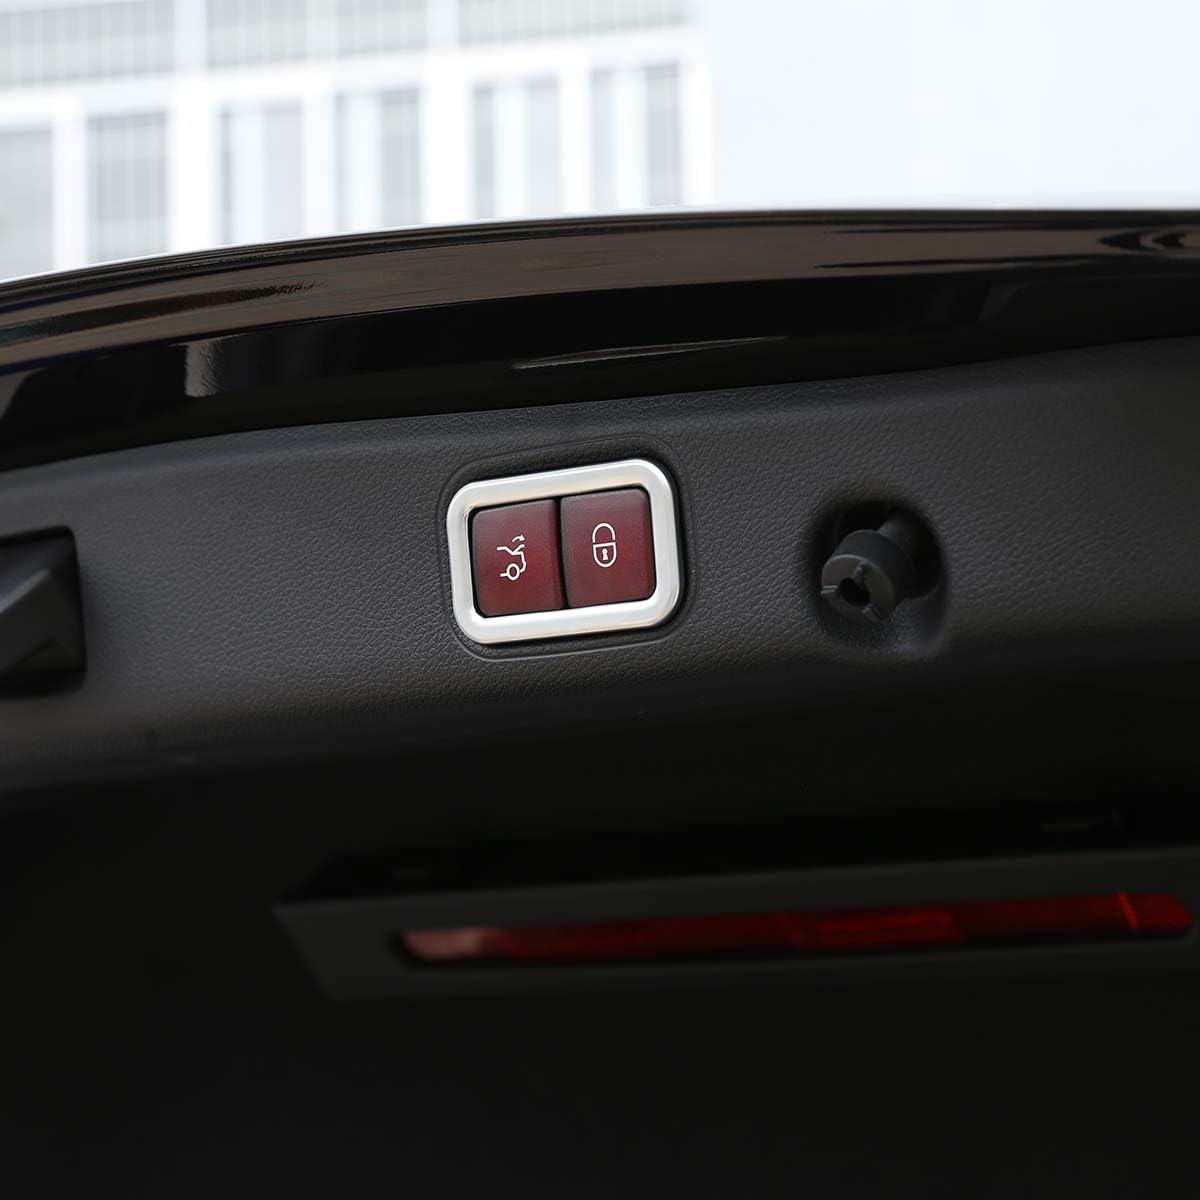 Cadre de bouton de porte arri/ère /électrique en ABS mat pour voiture Classe E W213 2016-2018